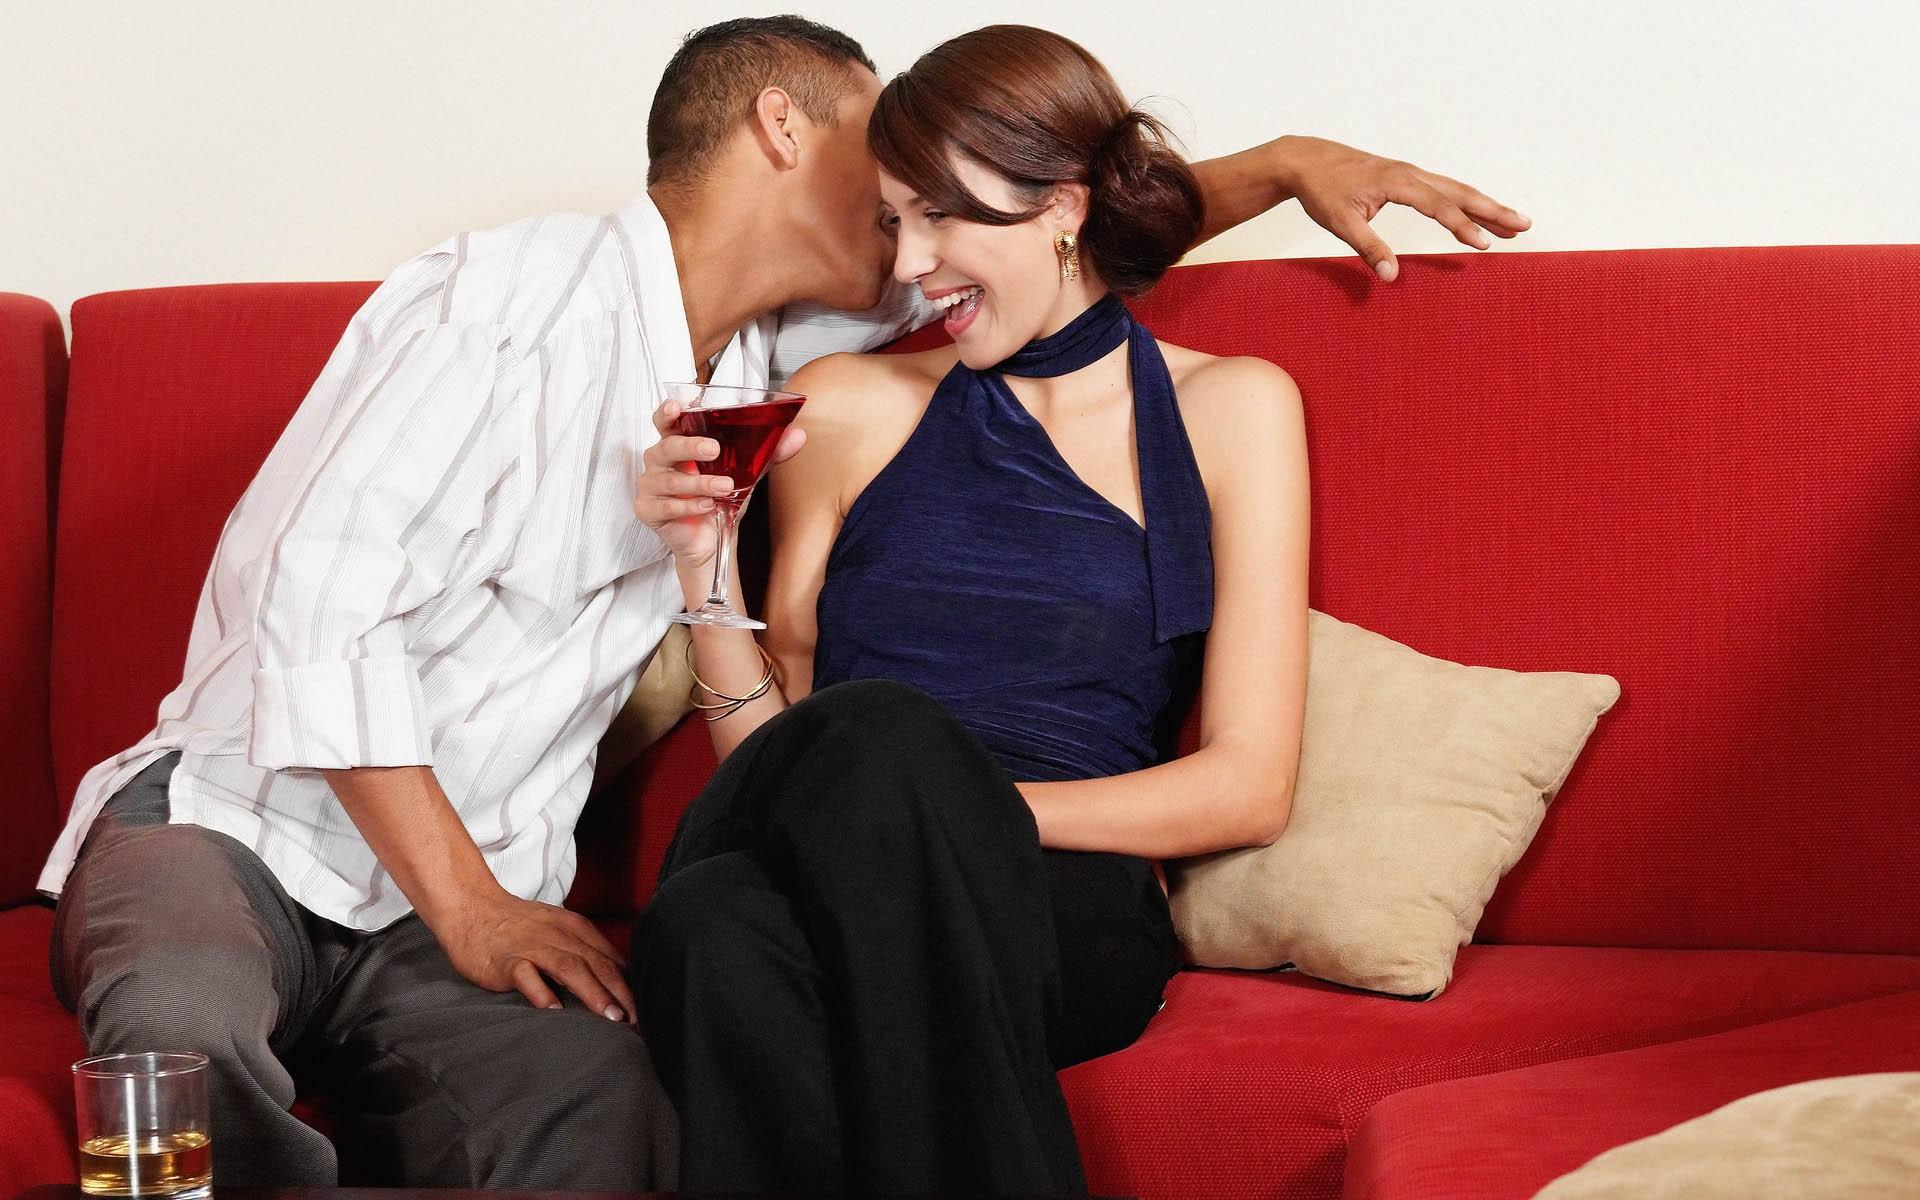 Соблазнила подругу онлайн, Лесбиянка соблазнила лучшую подругу 12 фотография